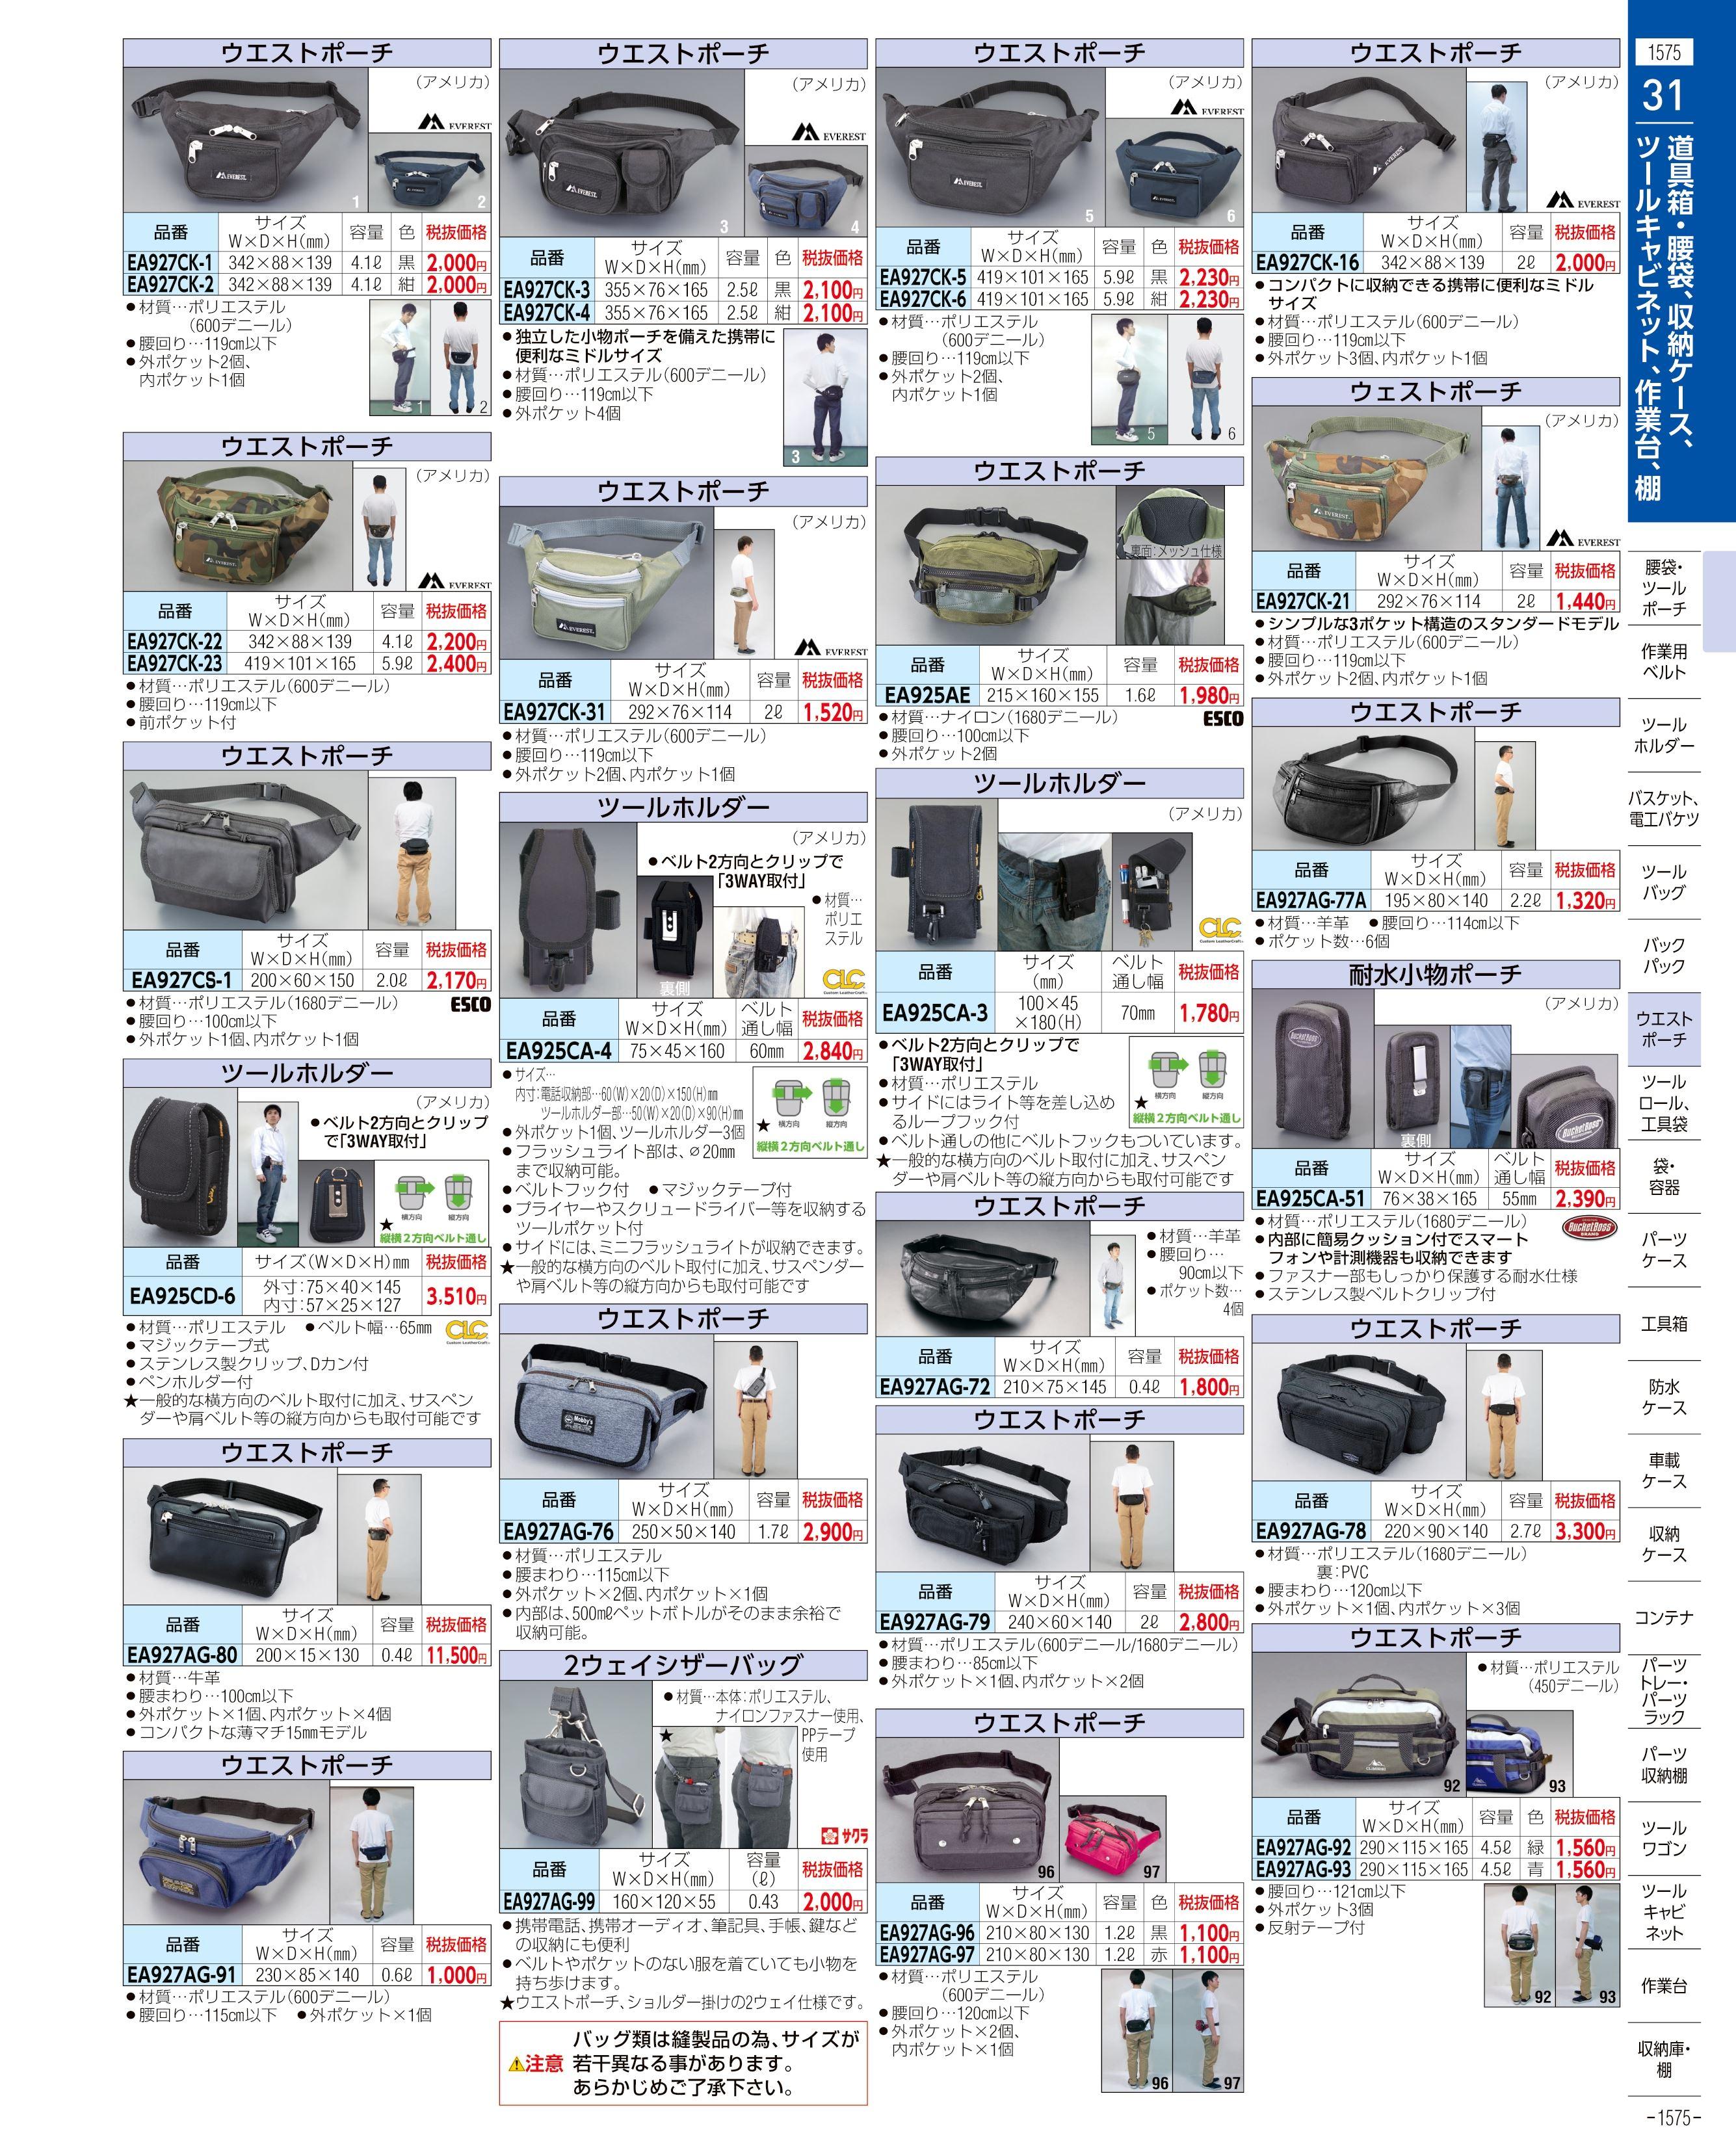 エスコ便利カタログ1575ページ